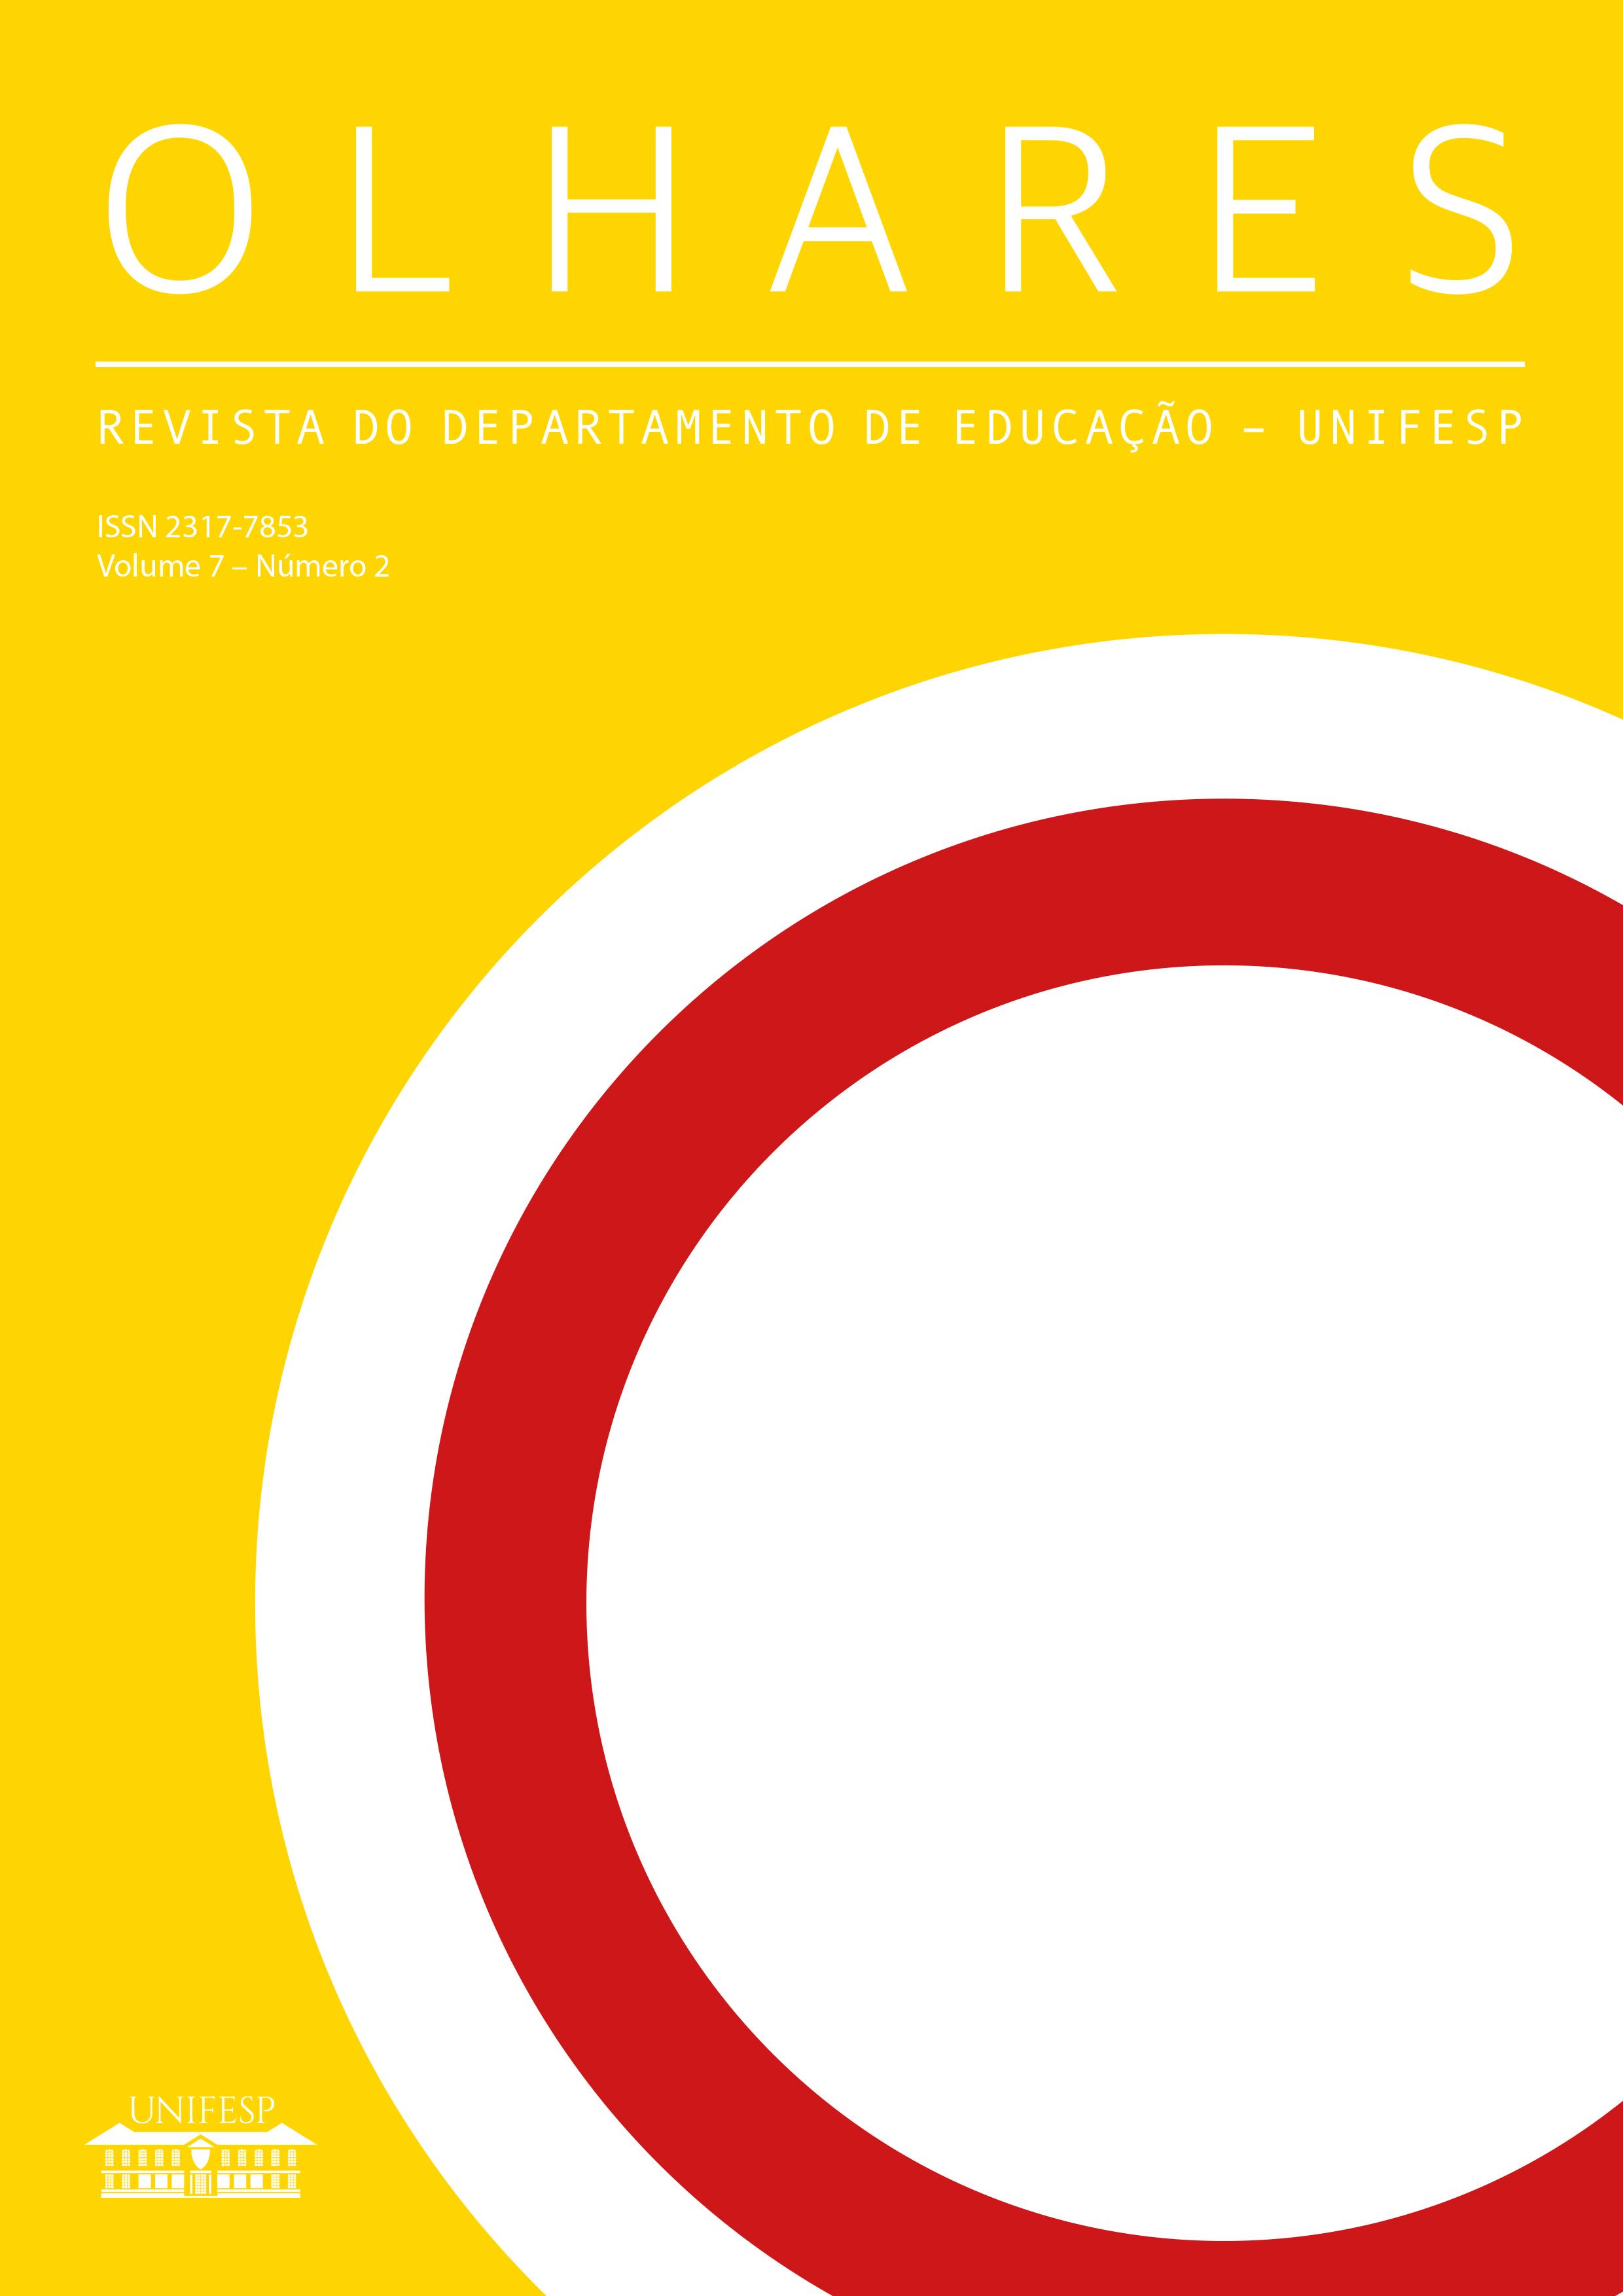 Visualizar v. 7 n. 2 (2019): Revista Olhares - REVISTA DO DEPARTAMENTO DE EDUCAÇÃO - UNIFESP